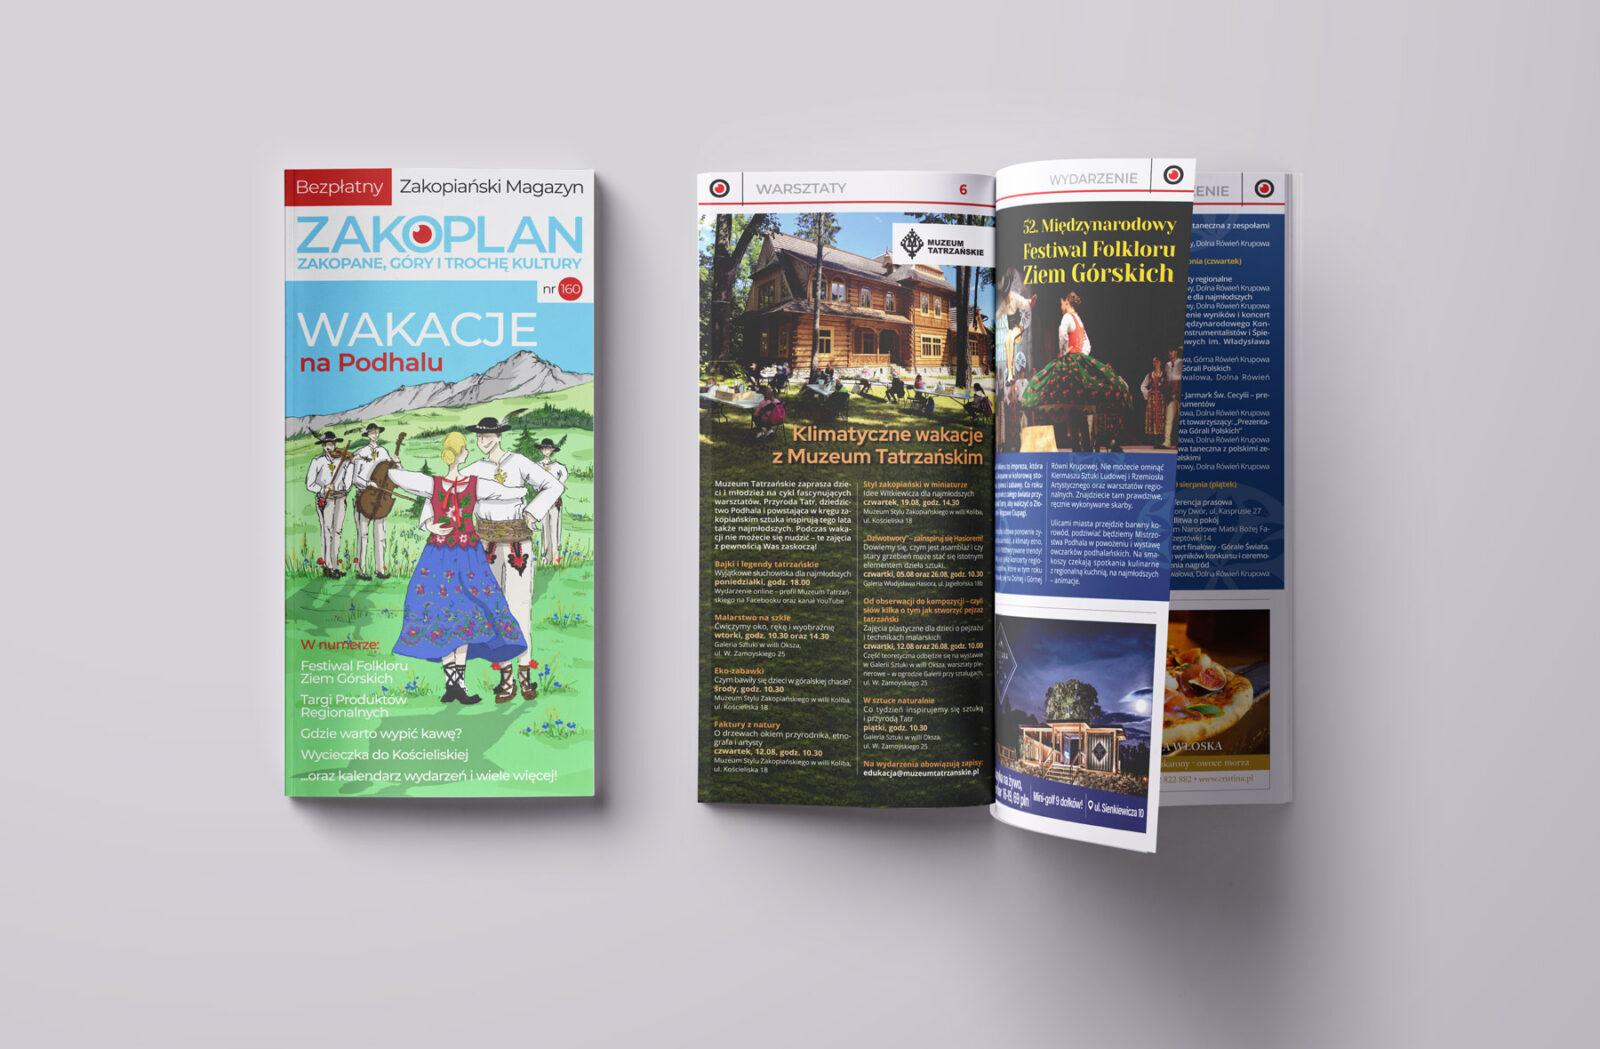 Nowe wydanie Zakoplanu: to się nazywają wakacje w Zakopanem